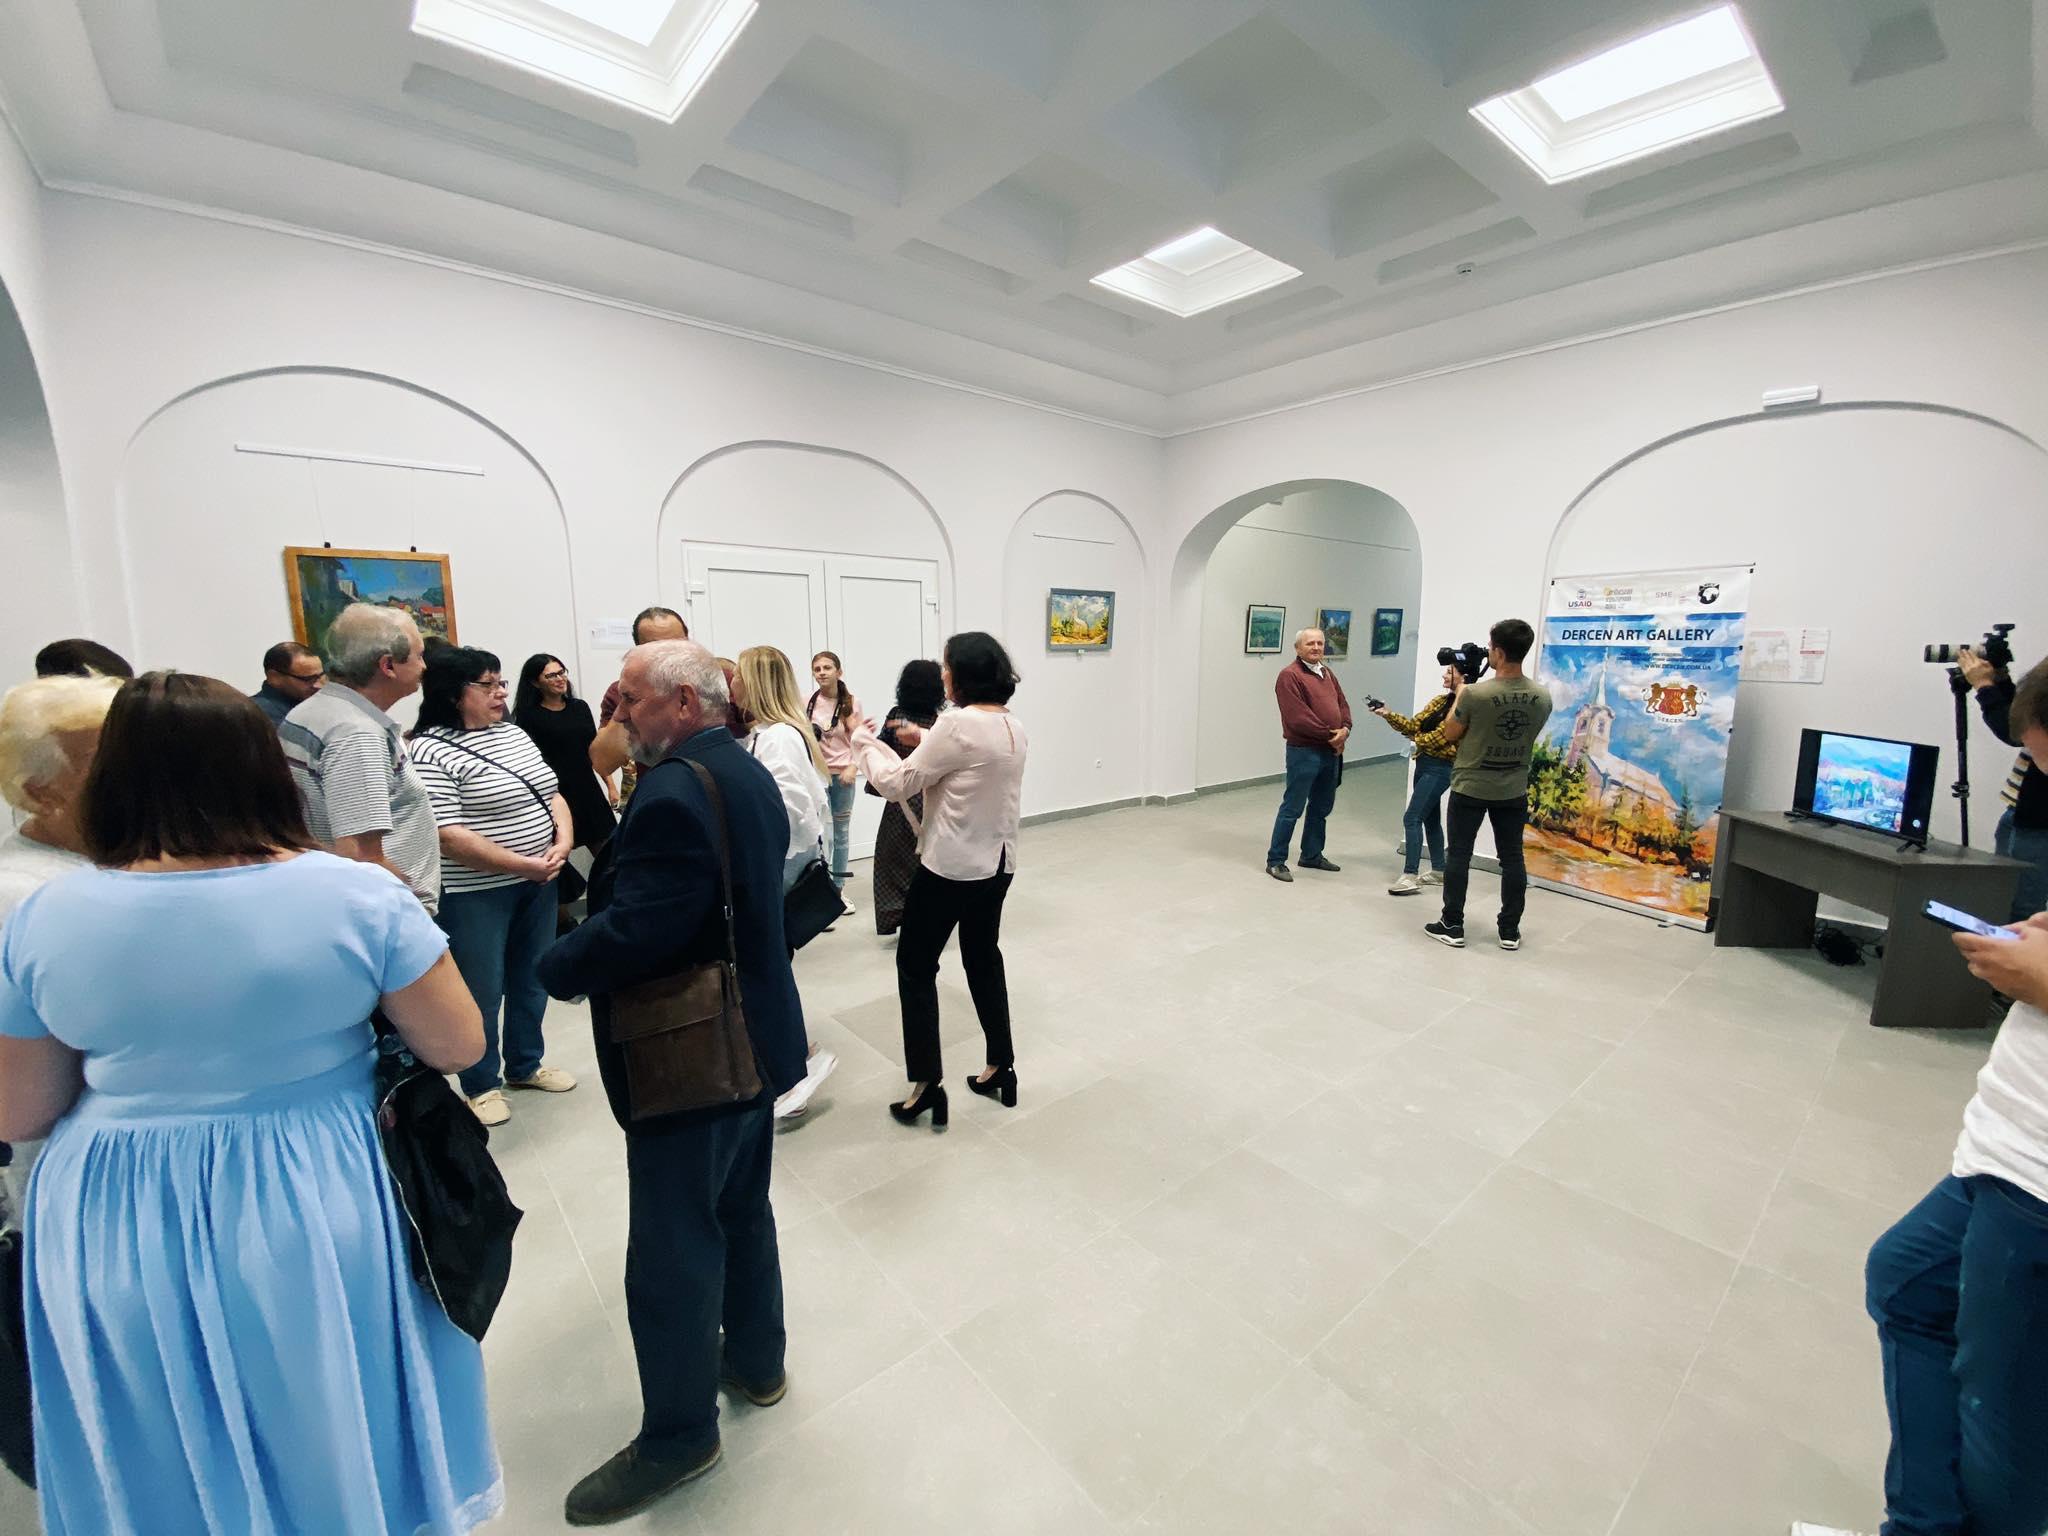 УПалаці культури і мистецтв відбулося урочисте відкриття виставки живопису